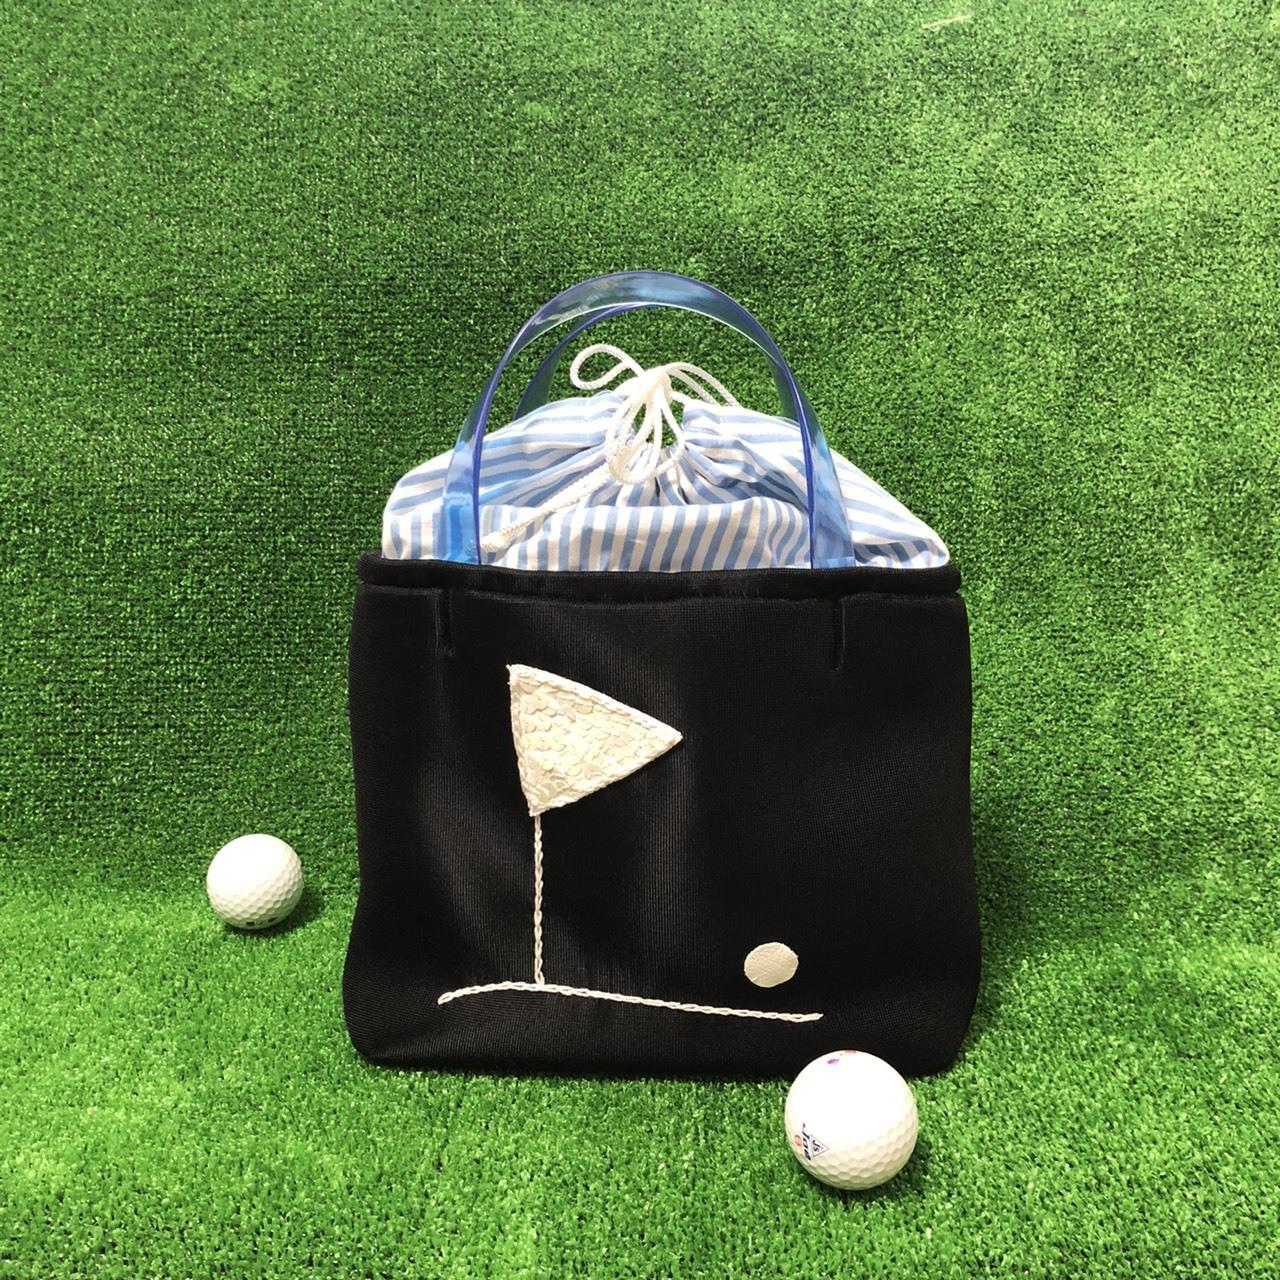 【新商品】ゴルフカートバッグ(ブラック)